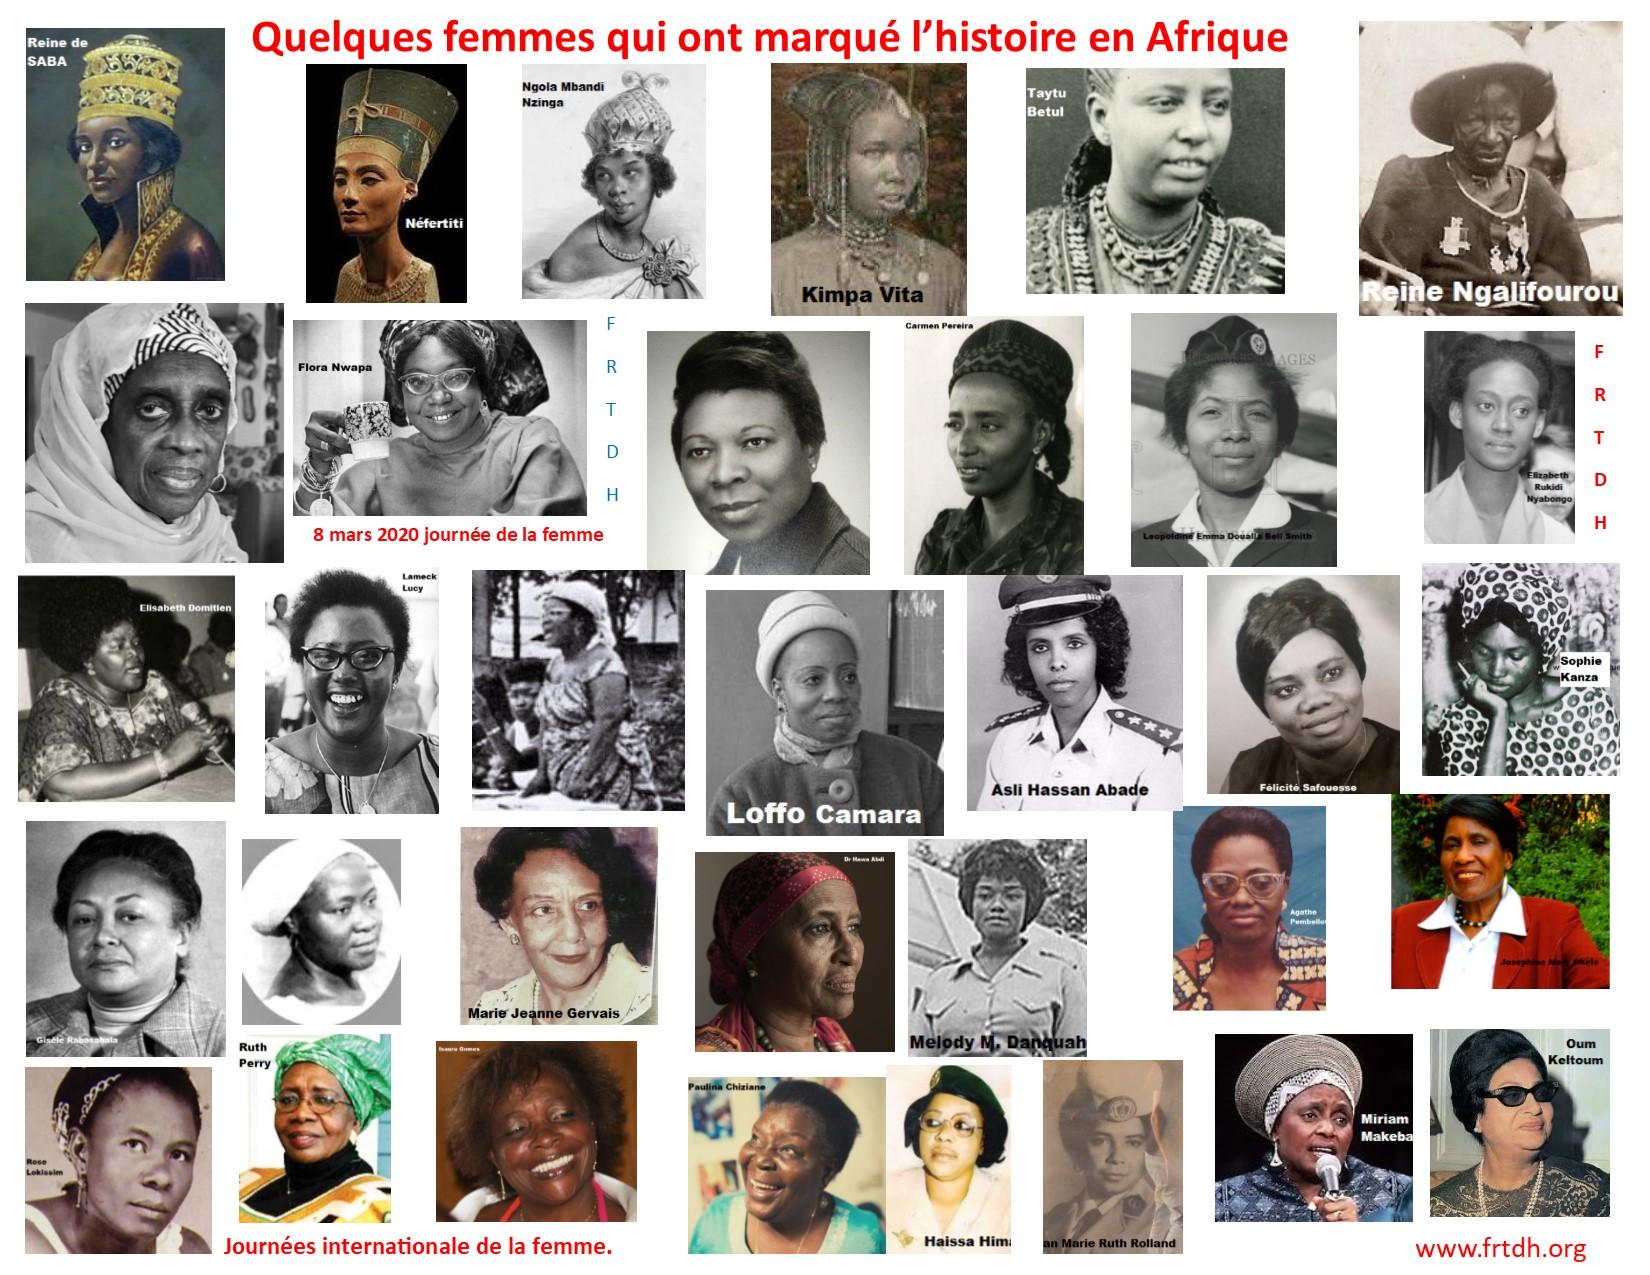 Quelques femmes pionnières africaines qui ont marqué l'histoire.  (Actualités)